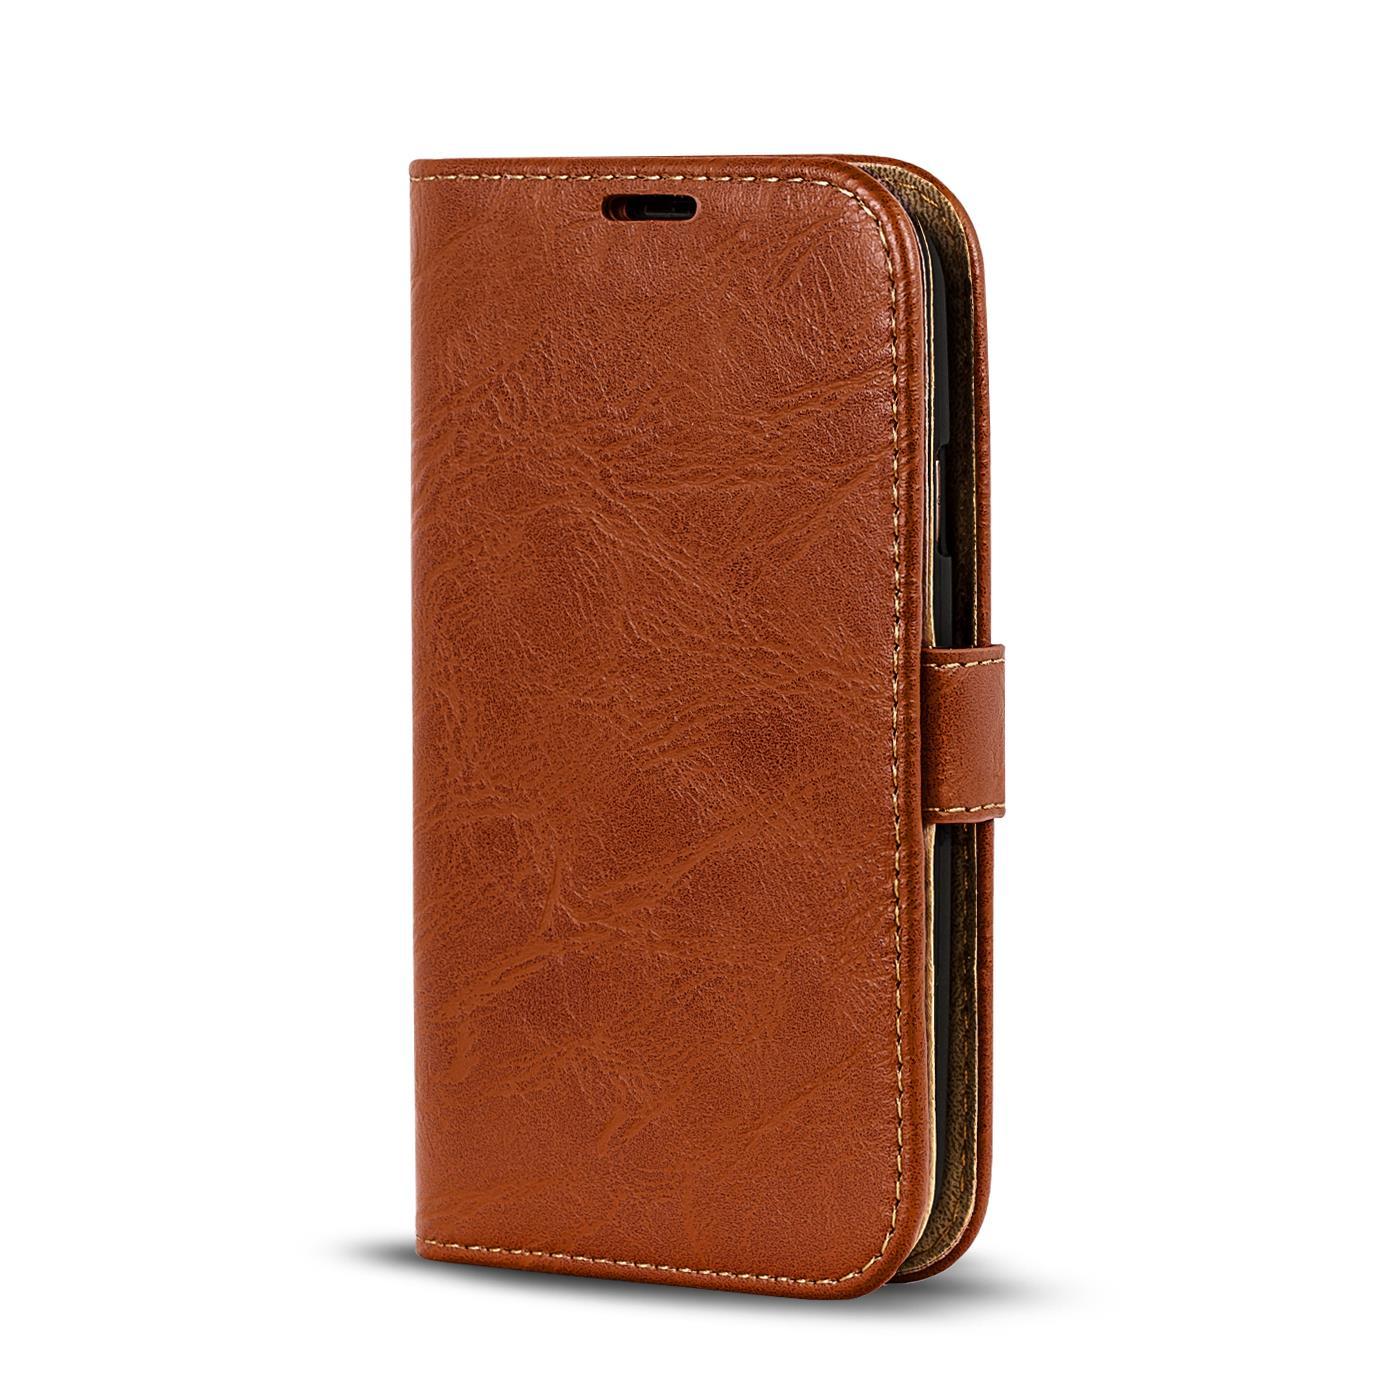 Klapphuelle-Samsung-Galaxy-S3-Mini-Huelle-Schutzhuelle-Wallet-Cover-Flip-Case Indexbild 15